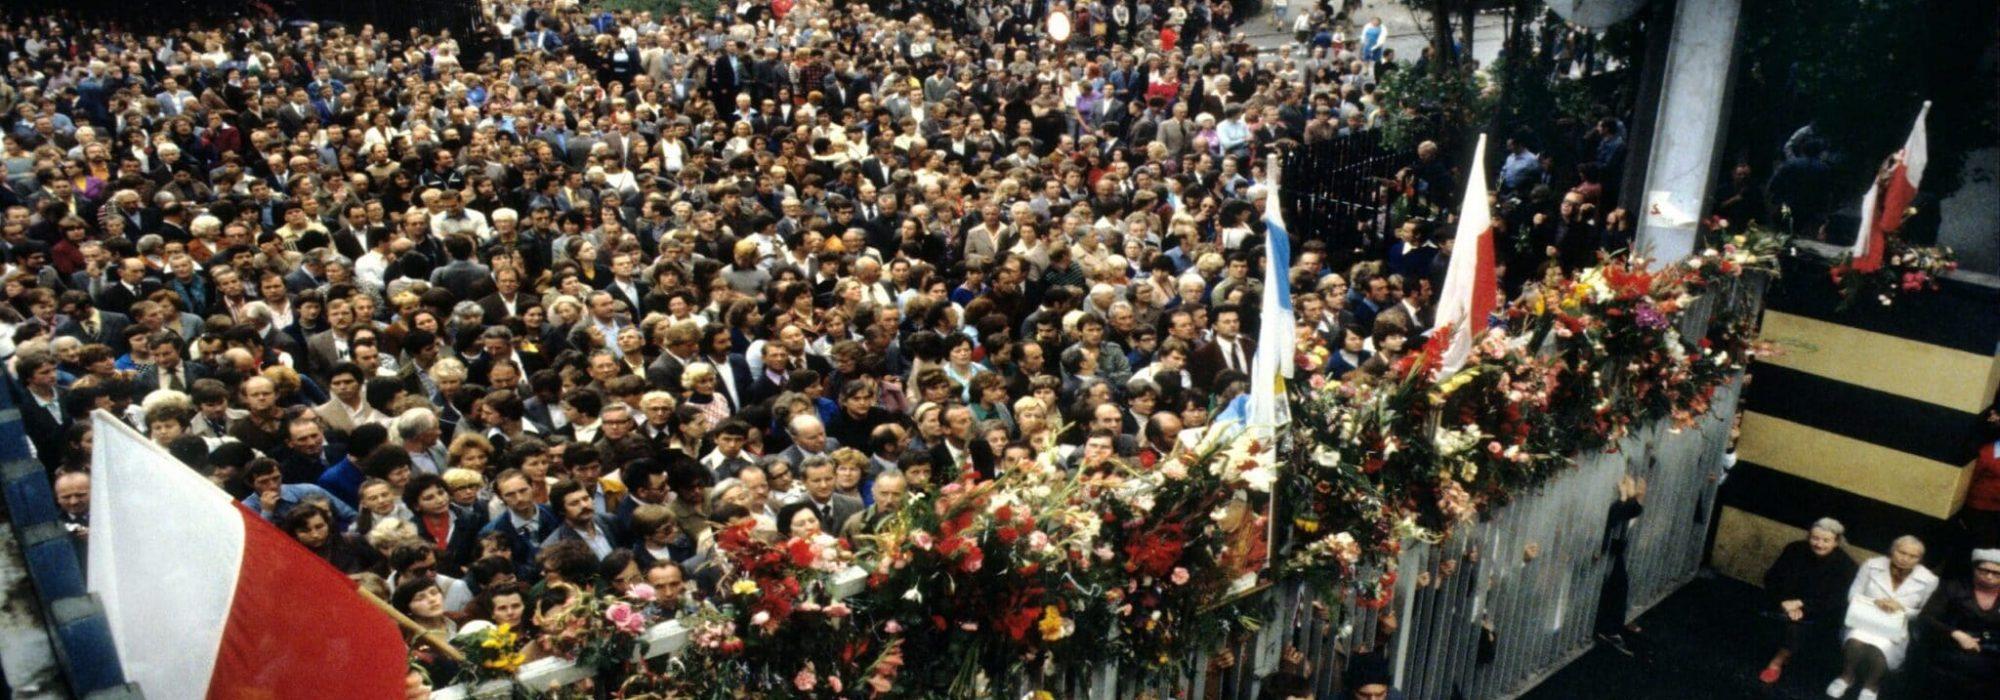 Stocznia im. Lenina, Gdansk, strajk, sierpien 1980. Koniec strajku 31.08.1980. Tłum przed brama stoczni ostatniego dnia strajku podczas mszy sw.  Gdansk, strike in Lenin Shipyard, August 1980. End of the strike, 31st August 1980. Crowd of onlookers outside the shipyard gate on final day of strike during Holy Mass.,Image: 428276677, License: Rights-managed, Restrictions: UWAGA!!! Cena minimalna dla publikacji w prasie i ksiazkach - 200 PLN xxxx, Model Release: no, Credit line: Chris Niedenthal / Forum